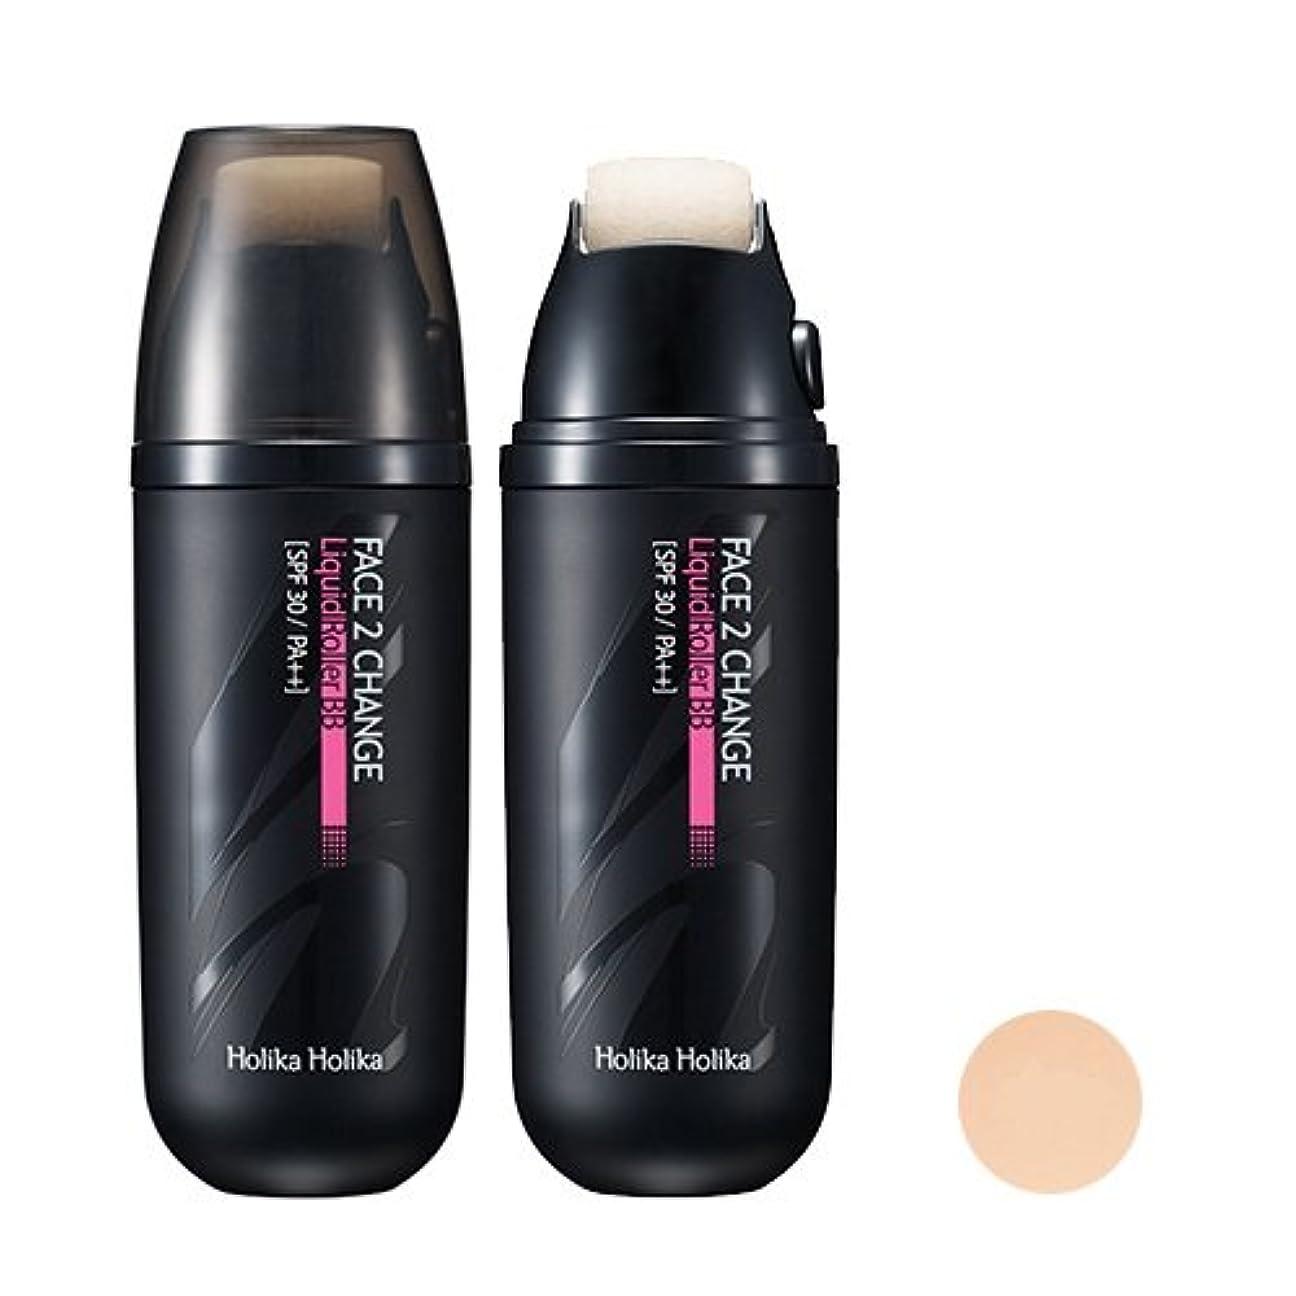 手段アルファベット順規範[Holika Holika/ホリカホリカ] フェイス 2チェンジ リキッドローラーBB クリーム (SPF30 PA++) 2タイプ?韓国コスメ/ Face 2 Change Liquid Roller BB Cream...